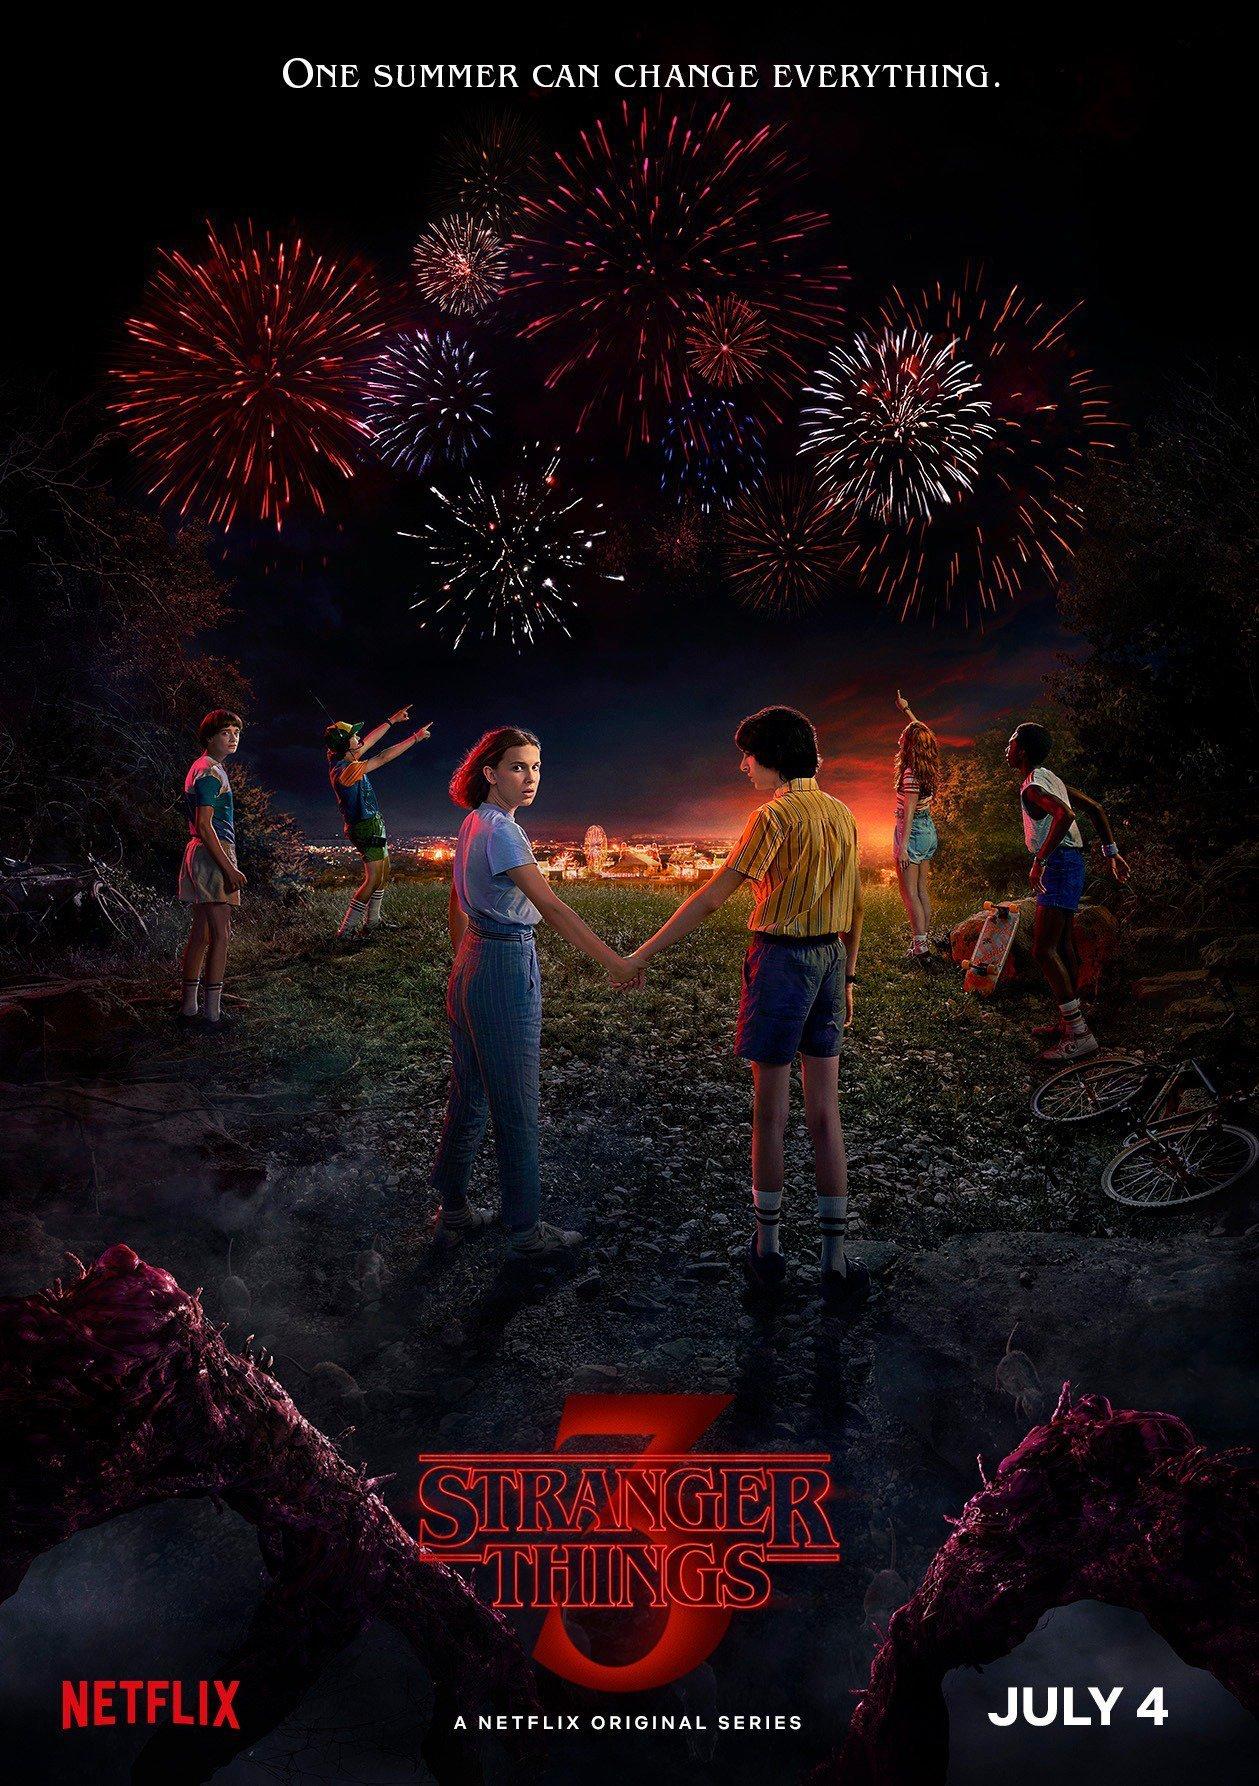 'Stranger Things' Season 3 Will Debut July